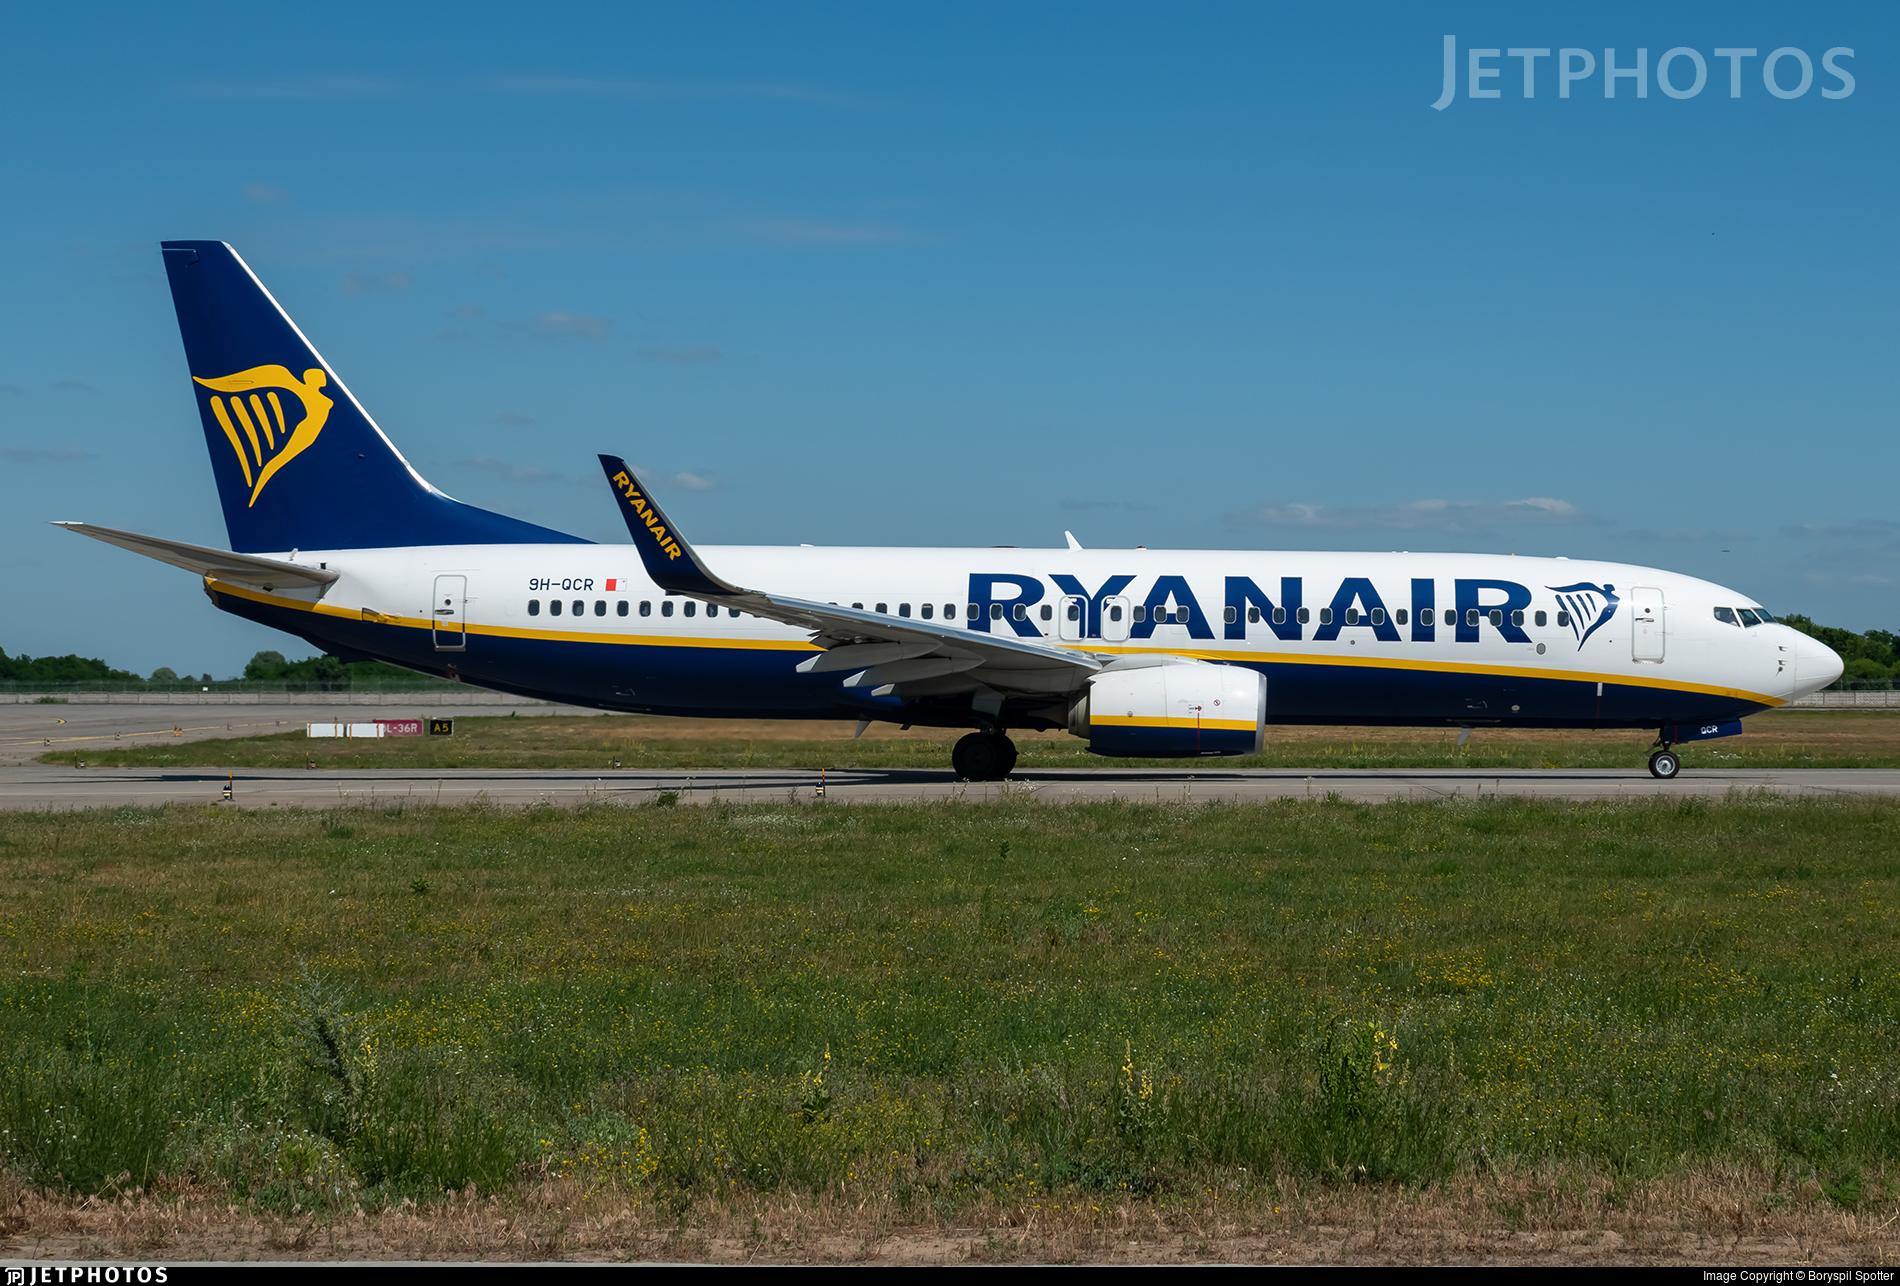 9H-QCR - Boeing 737-8AS - Ryanair (Malta Air)